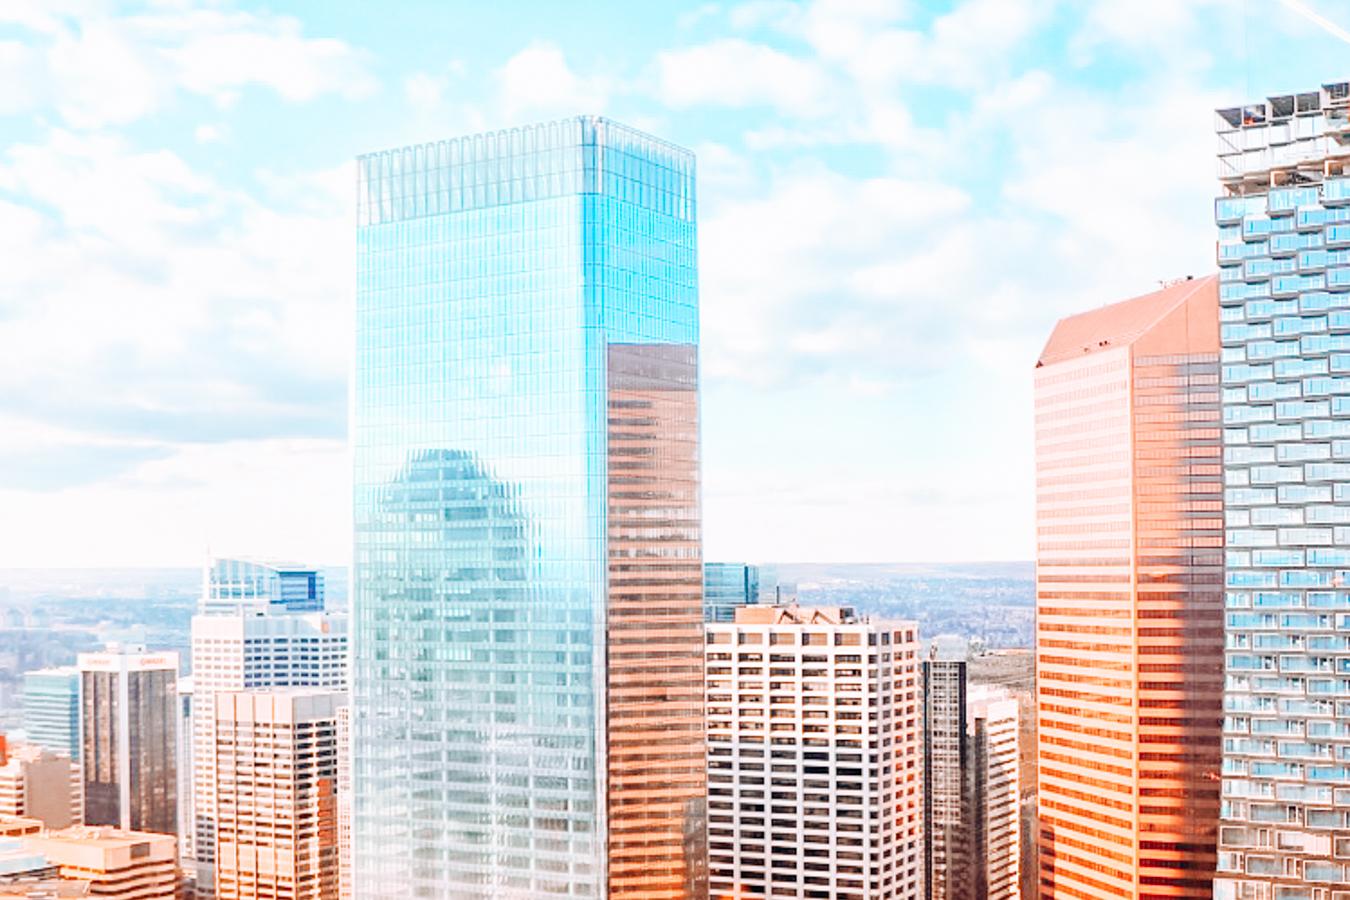 Buildings in Calgary